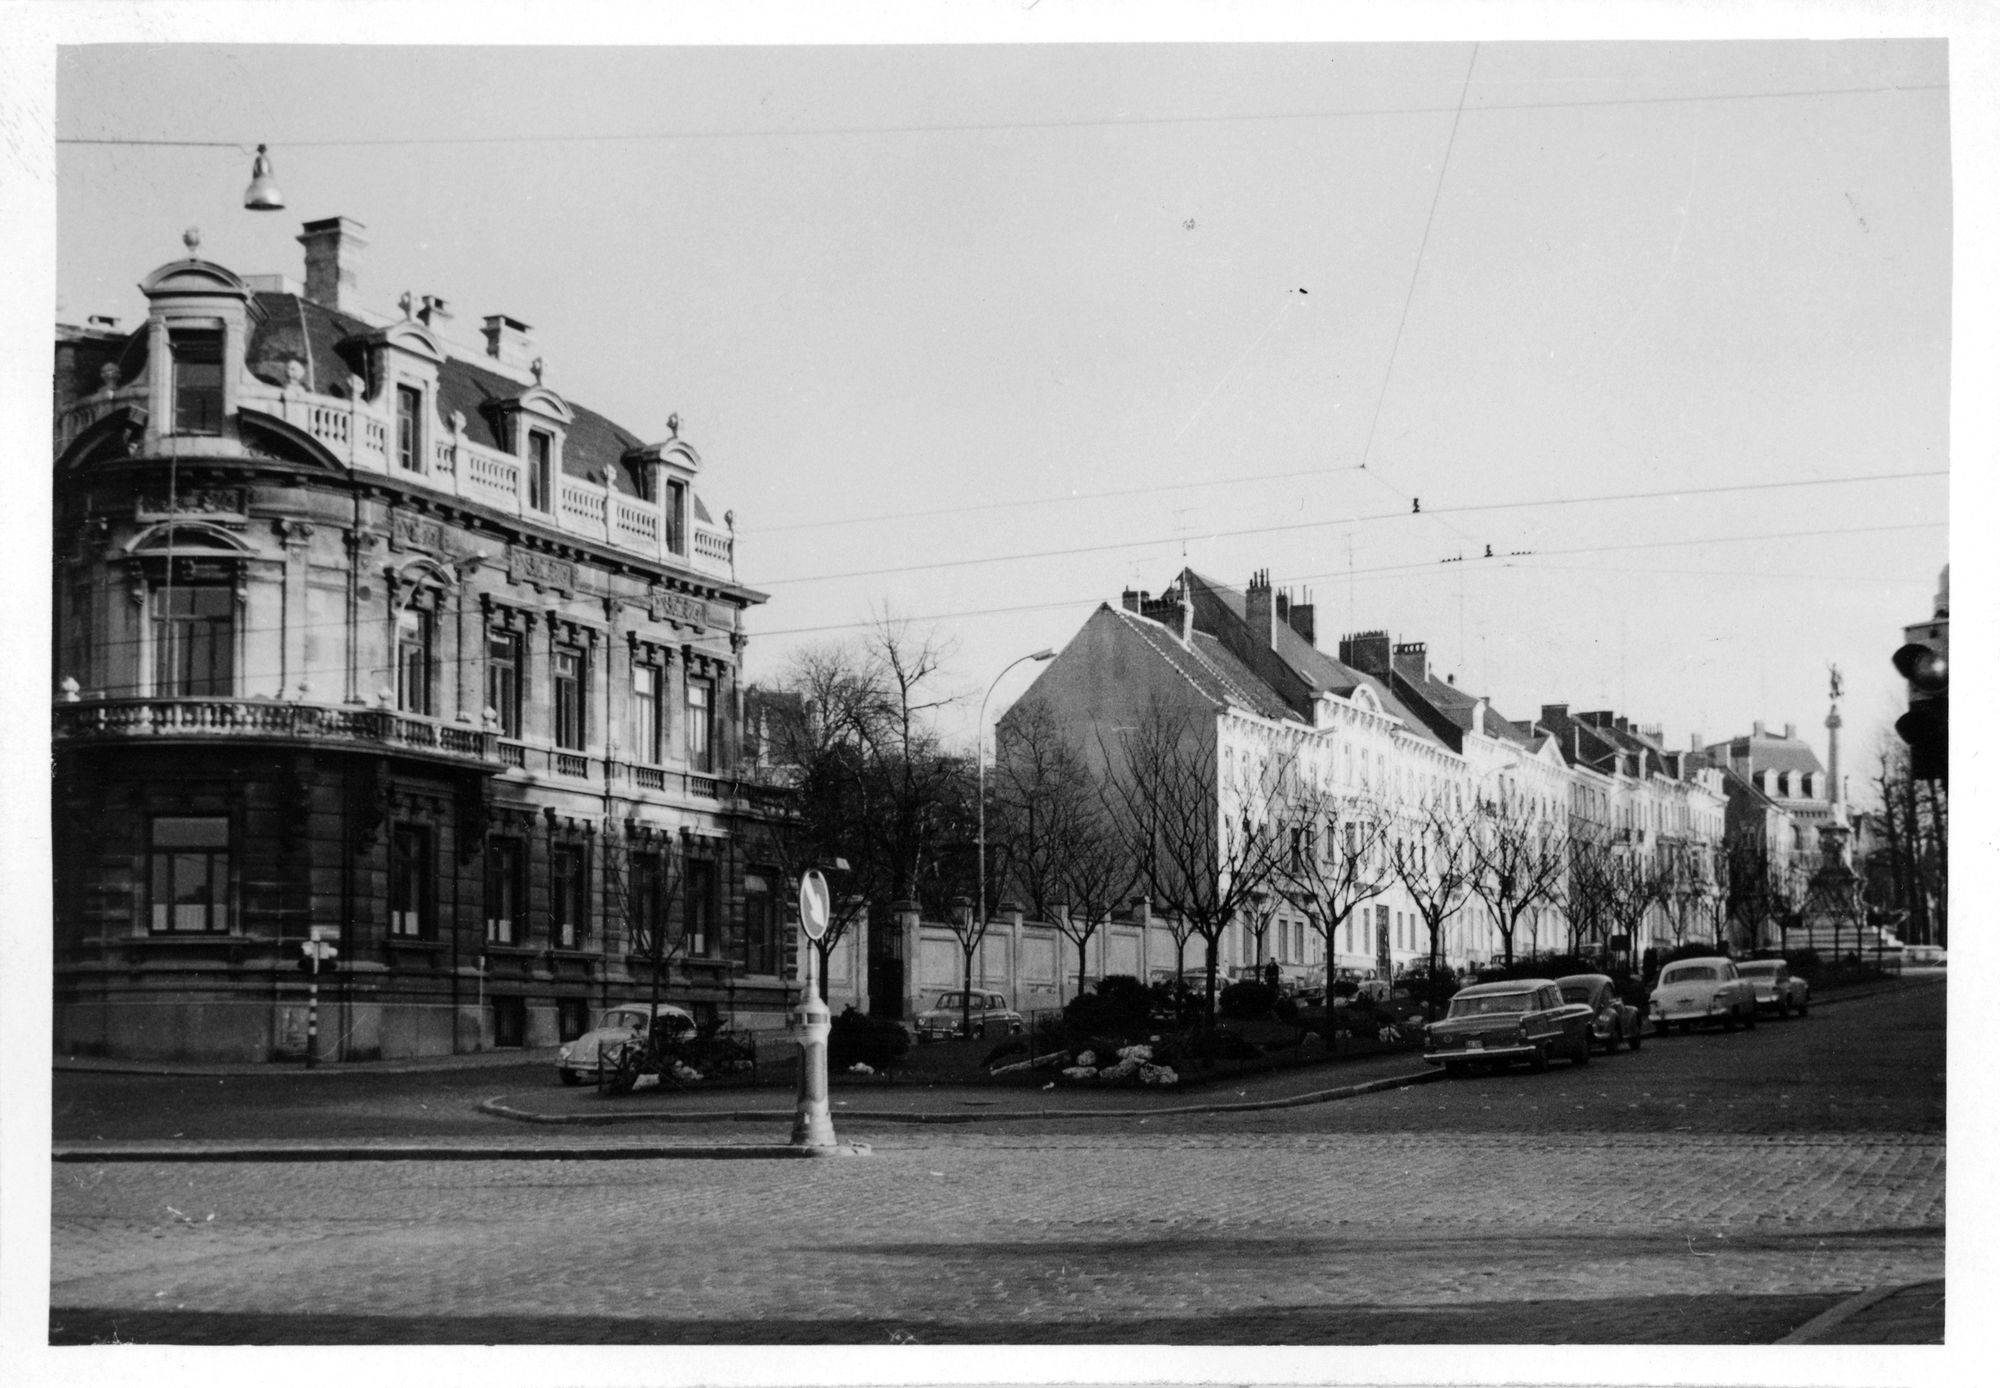 Charles de Kerchovelaan01_1960.jpg